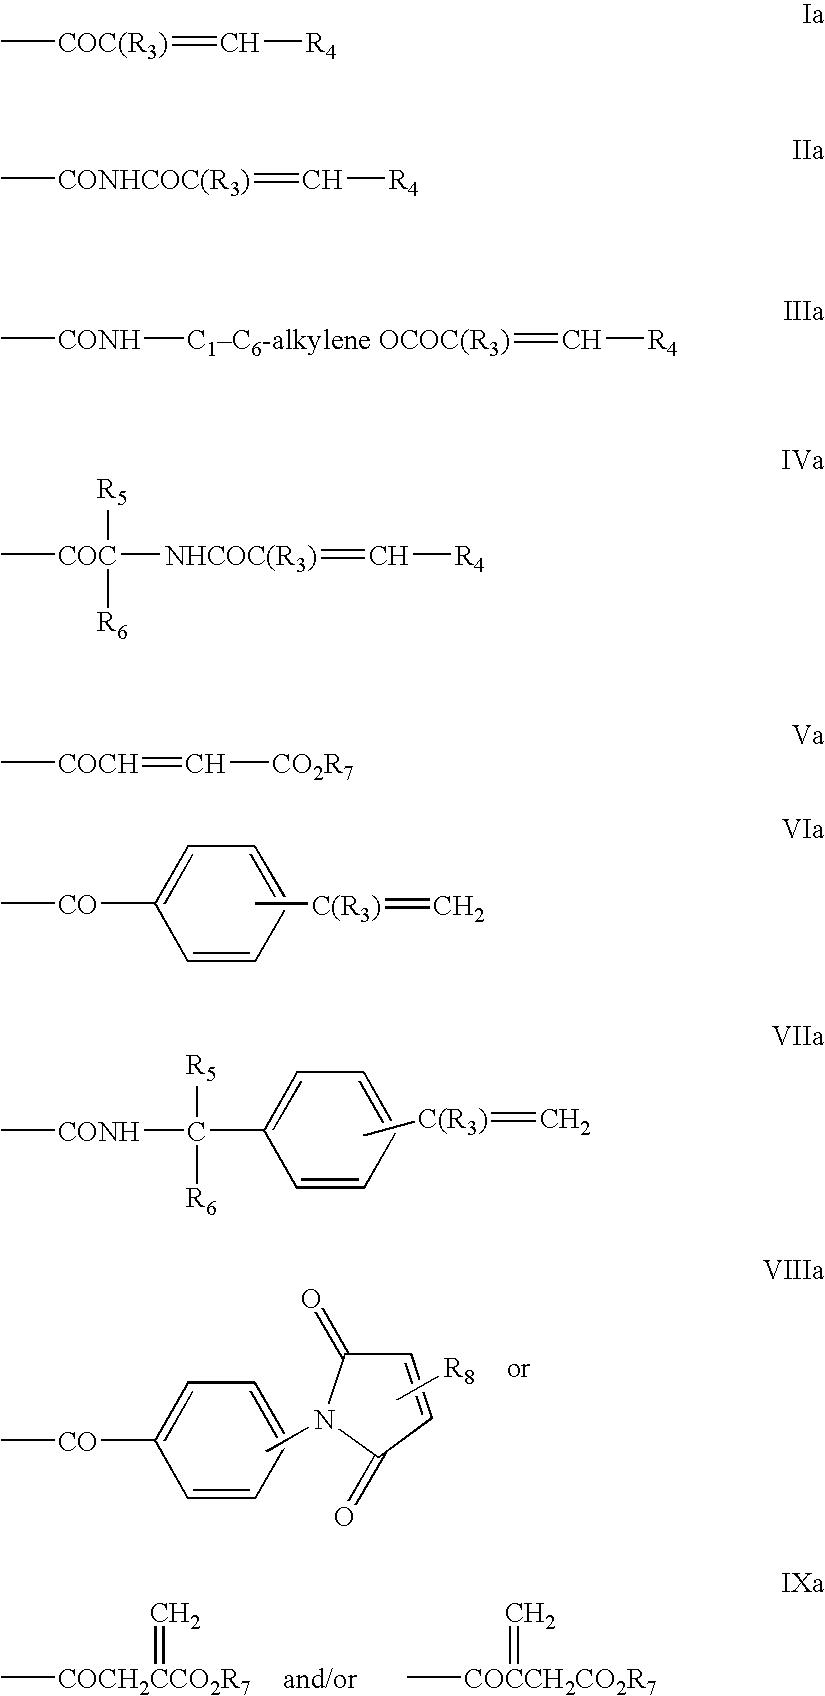 Figure US07138539-20061121-C00101